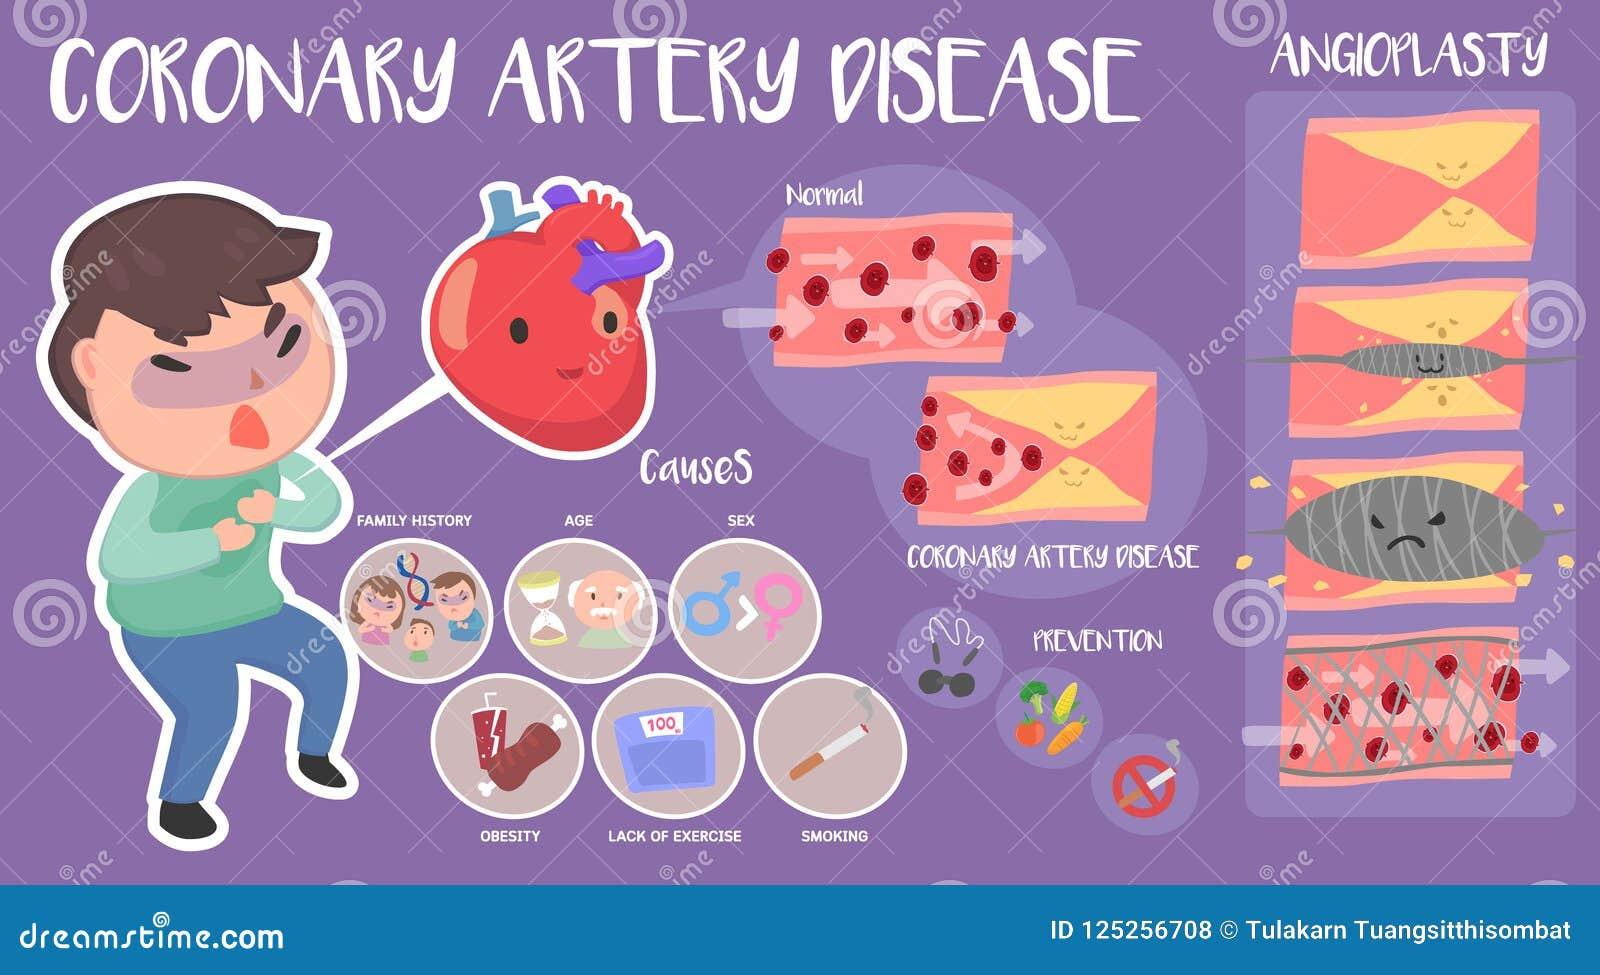 Ασθένεια στεφανιαίων αρτηριών infographic